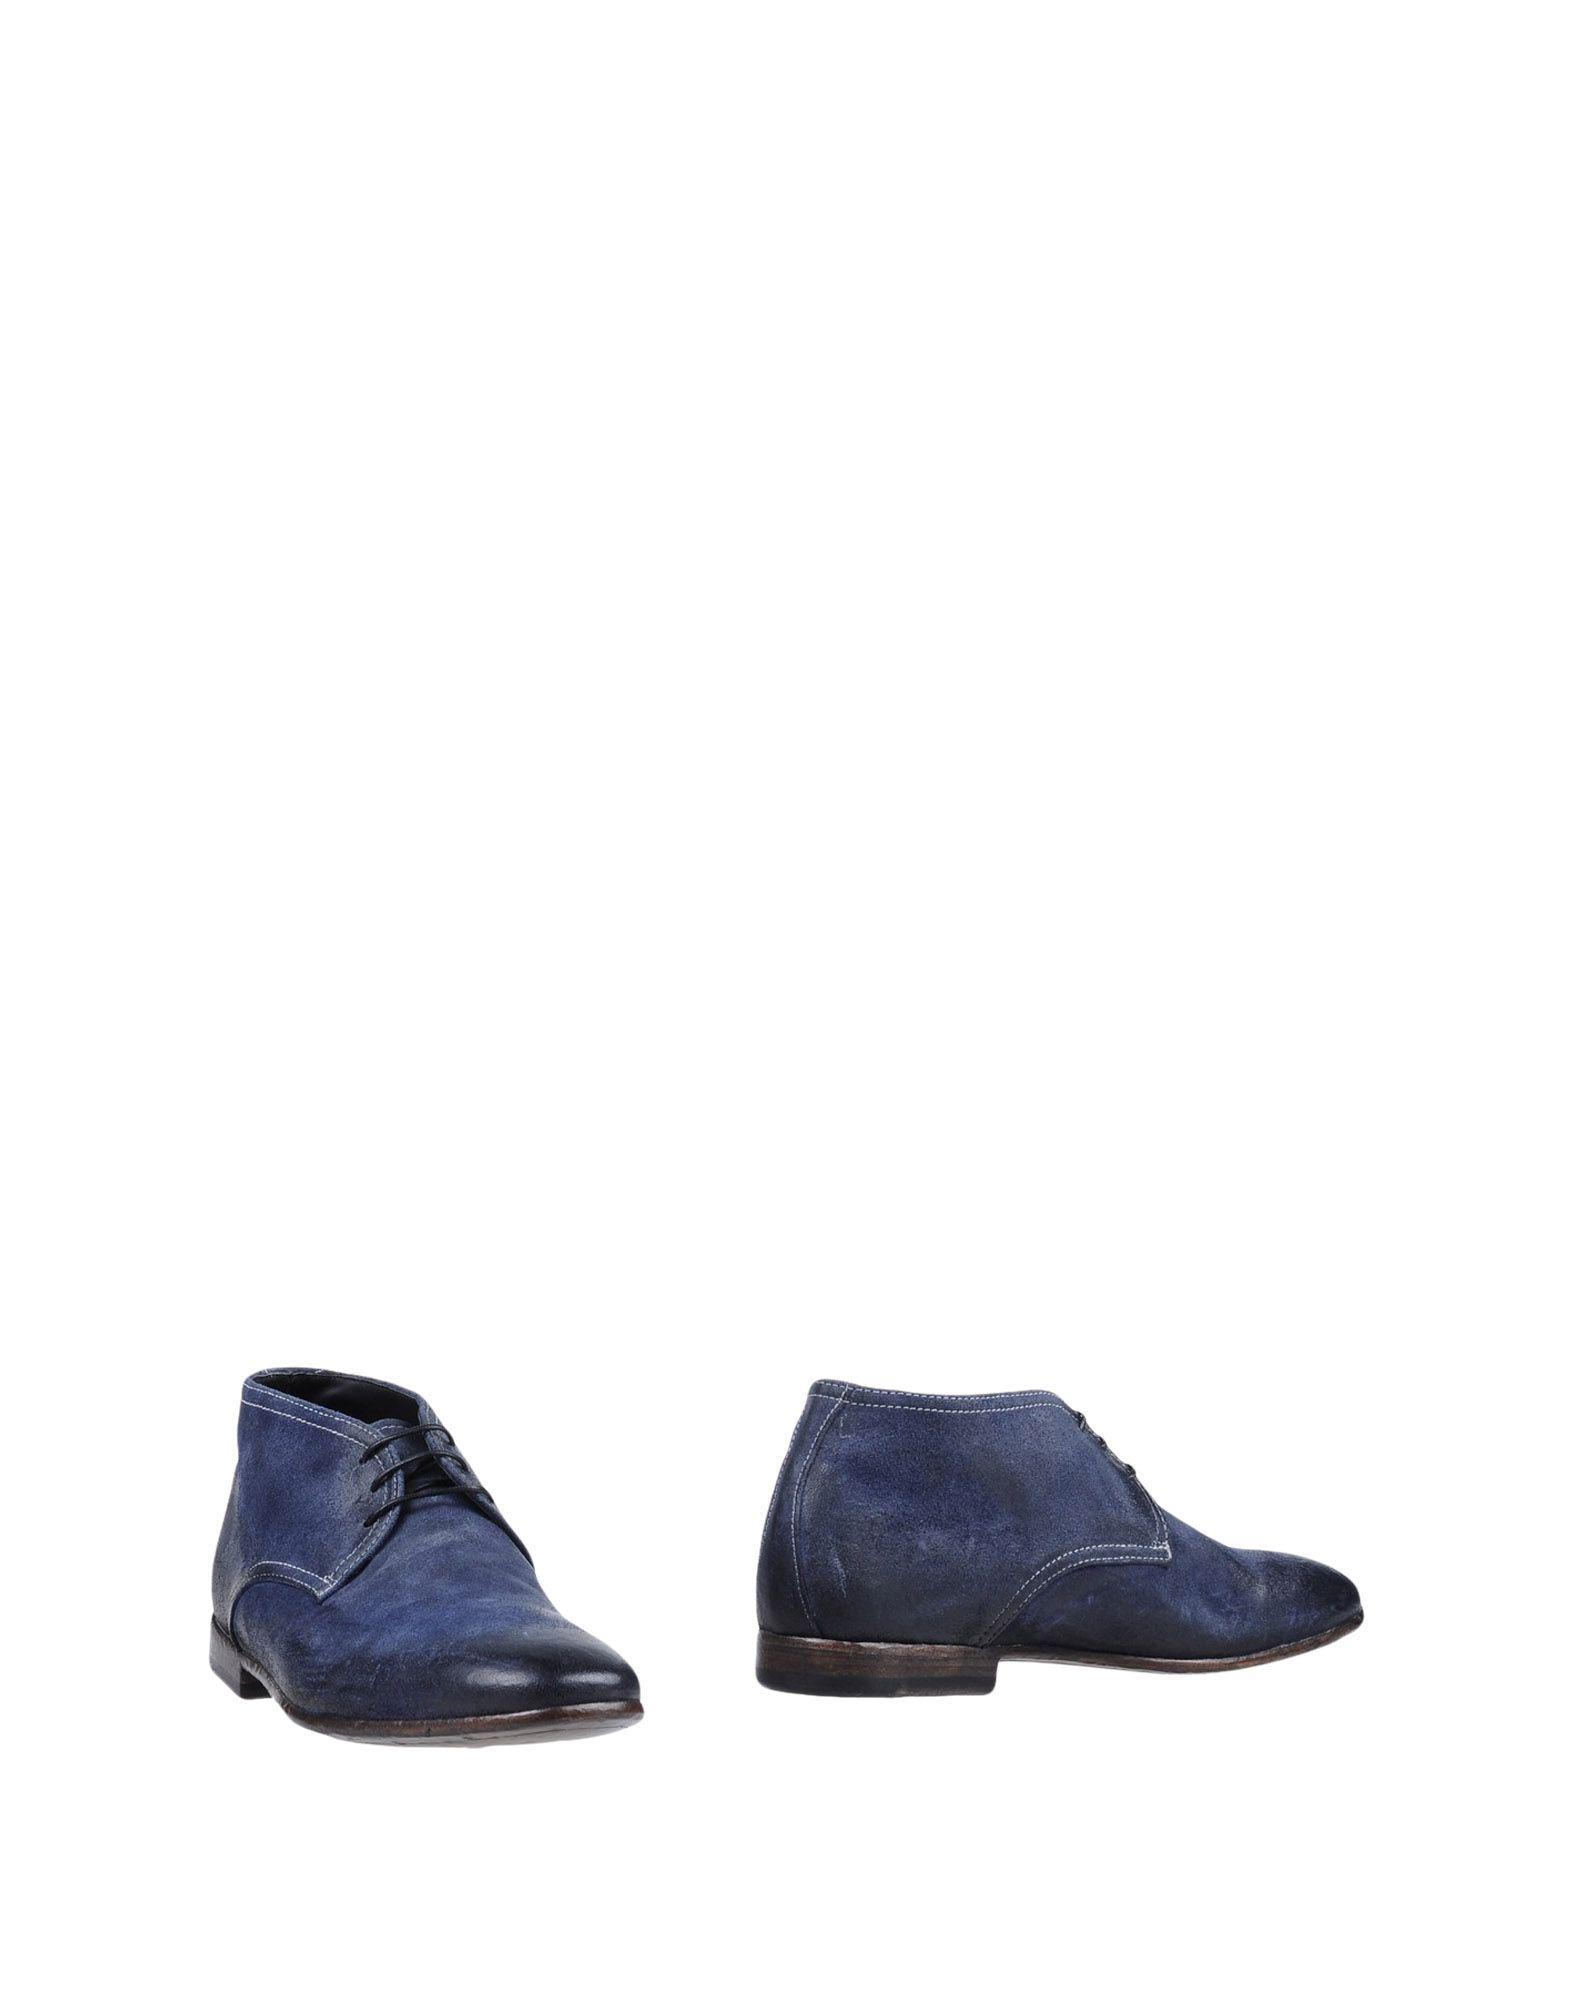 《送料無料》PREVENTI メンズ ショートブーツ ブルー 41 革